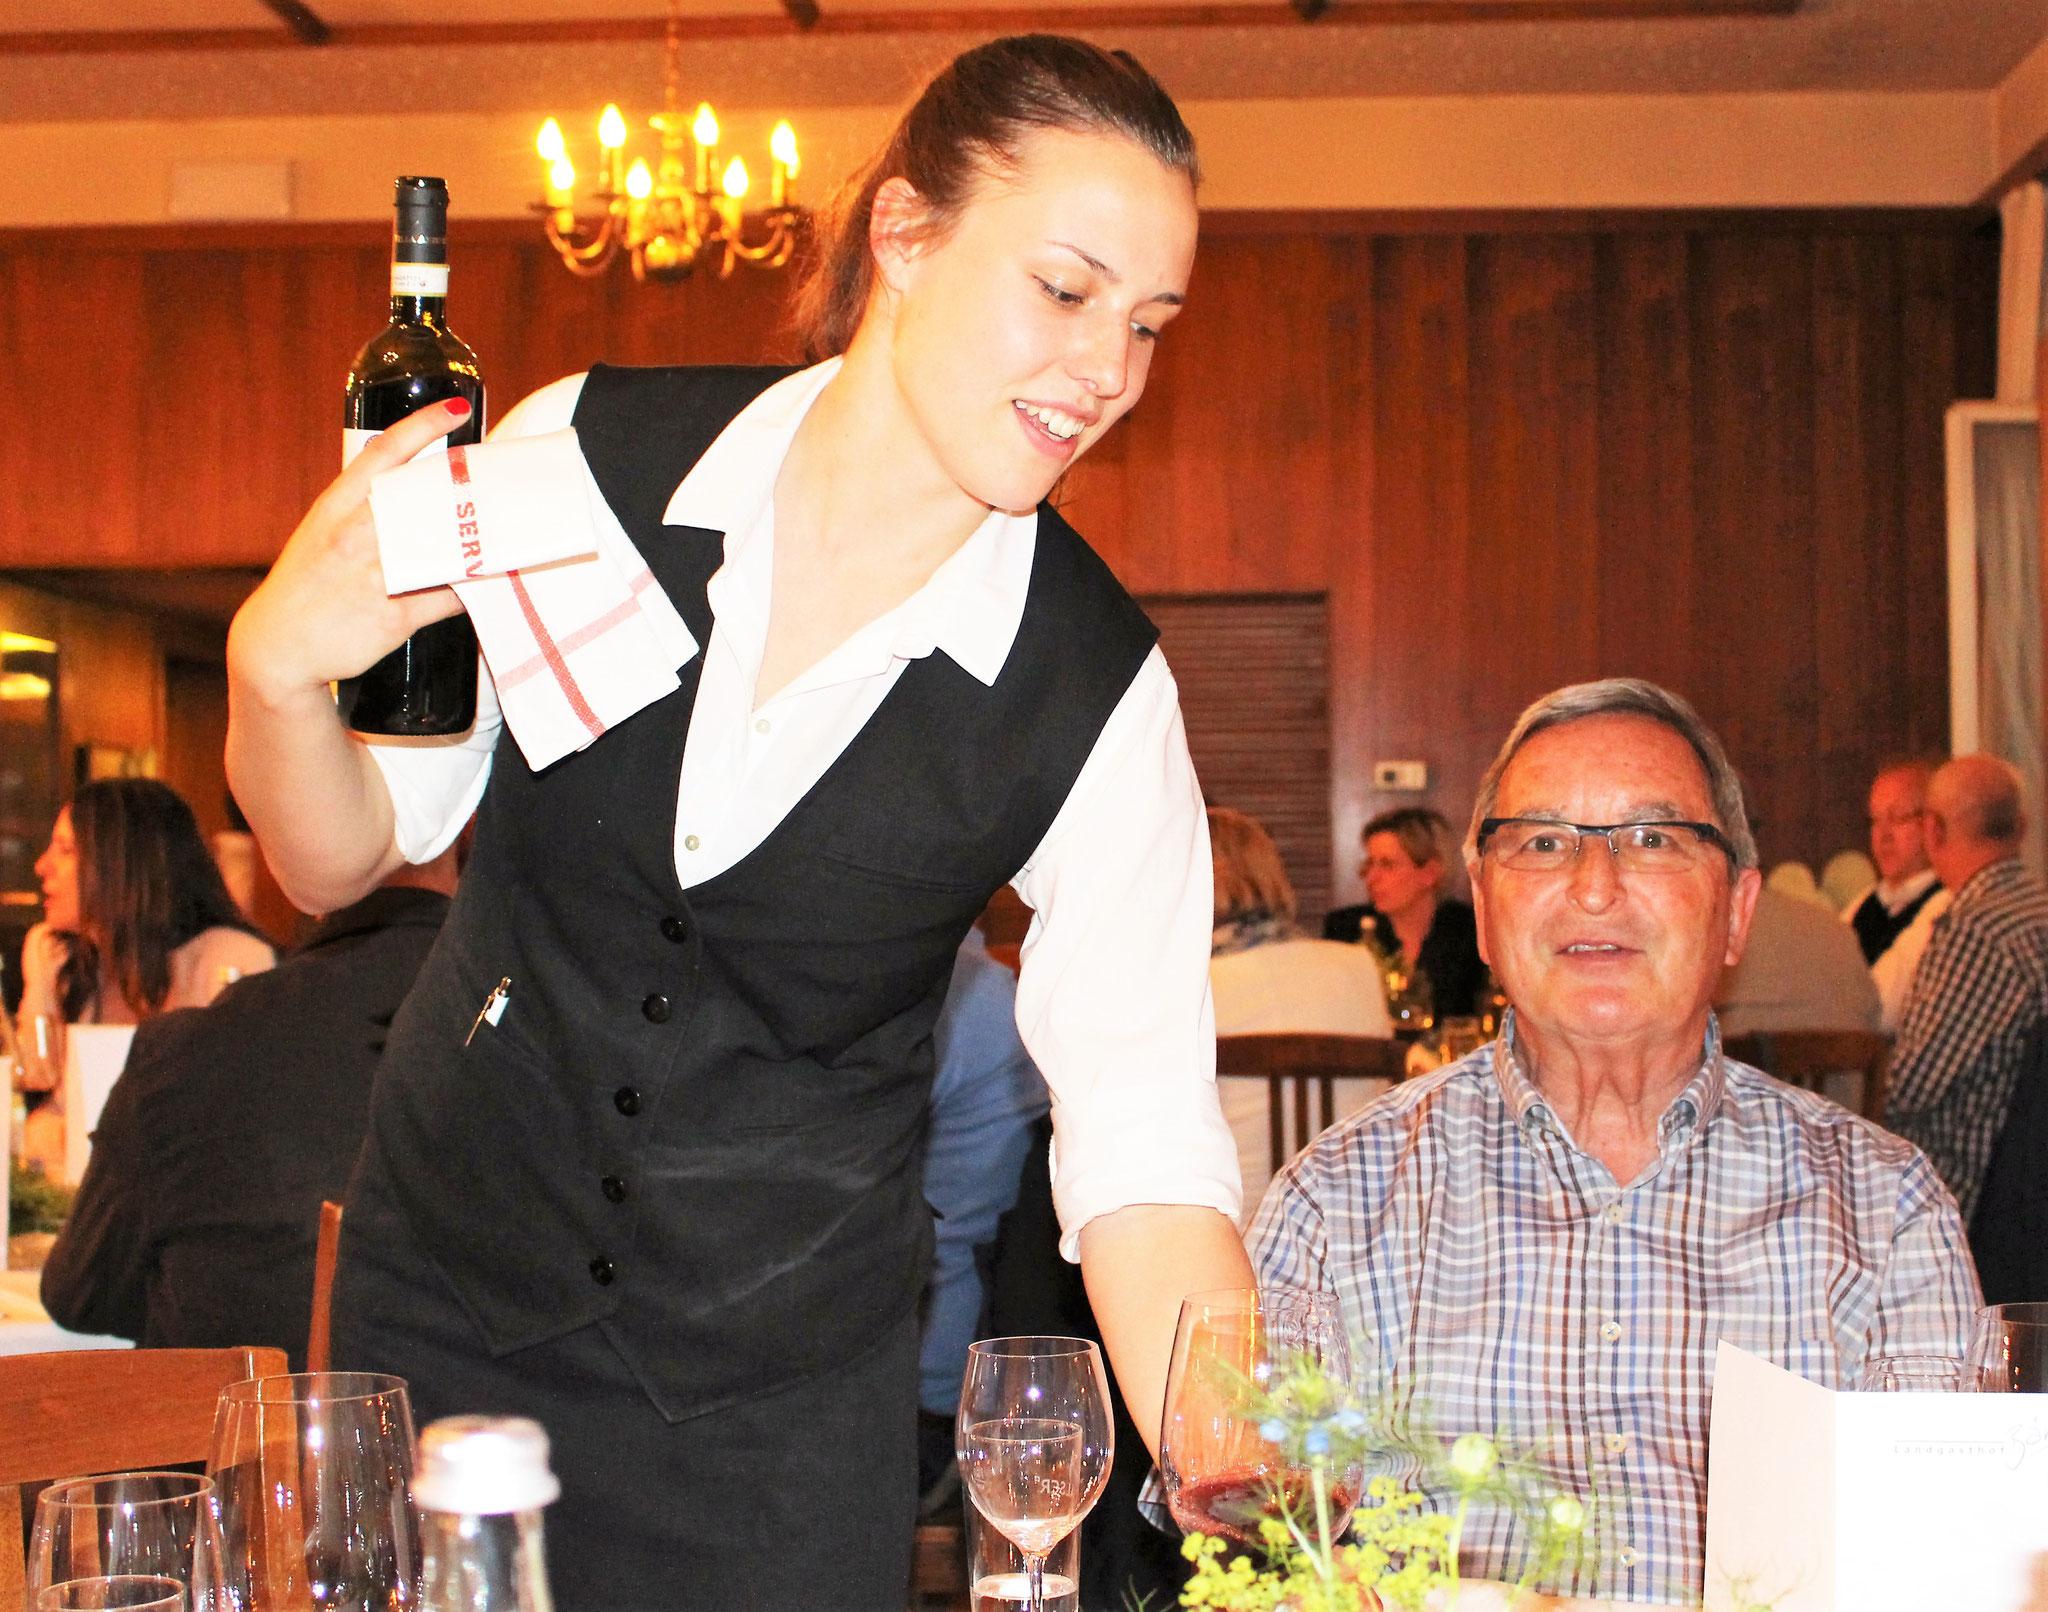 Nach der Arbeit das Vergnügen: Revisor Fritz Keller (Fulenbach) lässt sich einen feinen Wein einschenken.